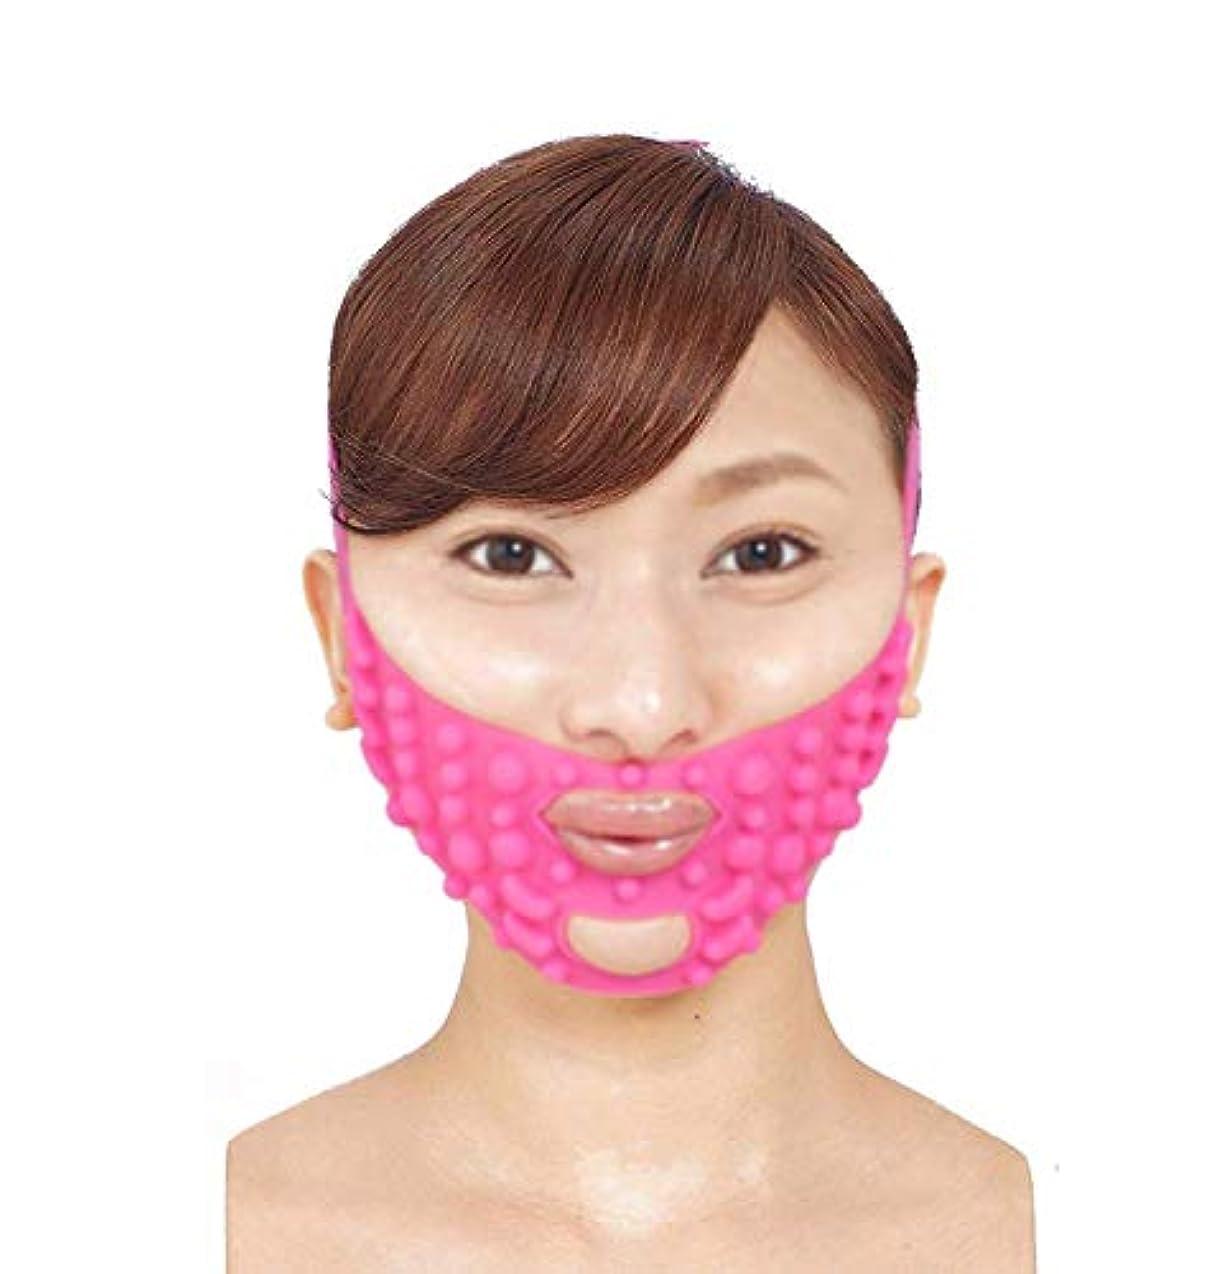 モンキー必要性幾何学フェイシャルマスク、リフティングアーティファクトフェイスマスク垂れ下がった小さなVフェイスバンデージ付きの顔